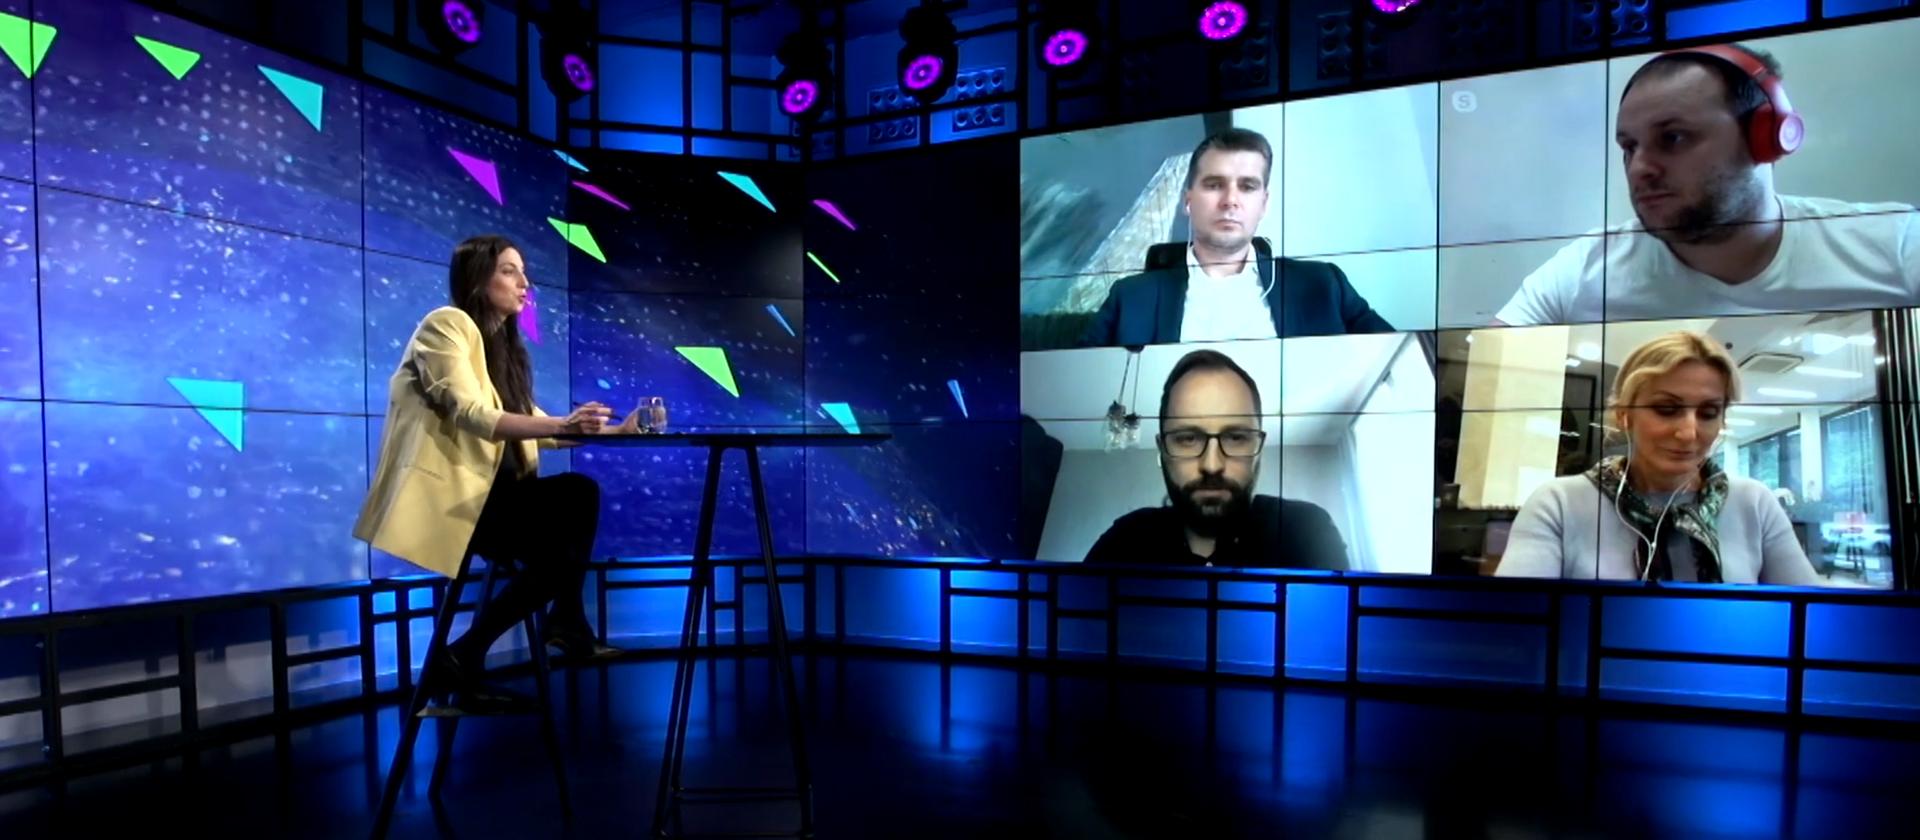 Jedna branża w Polsce zrobiła ogromny skok technologiczny w czasie pandemii